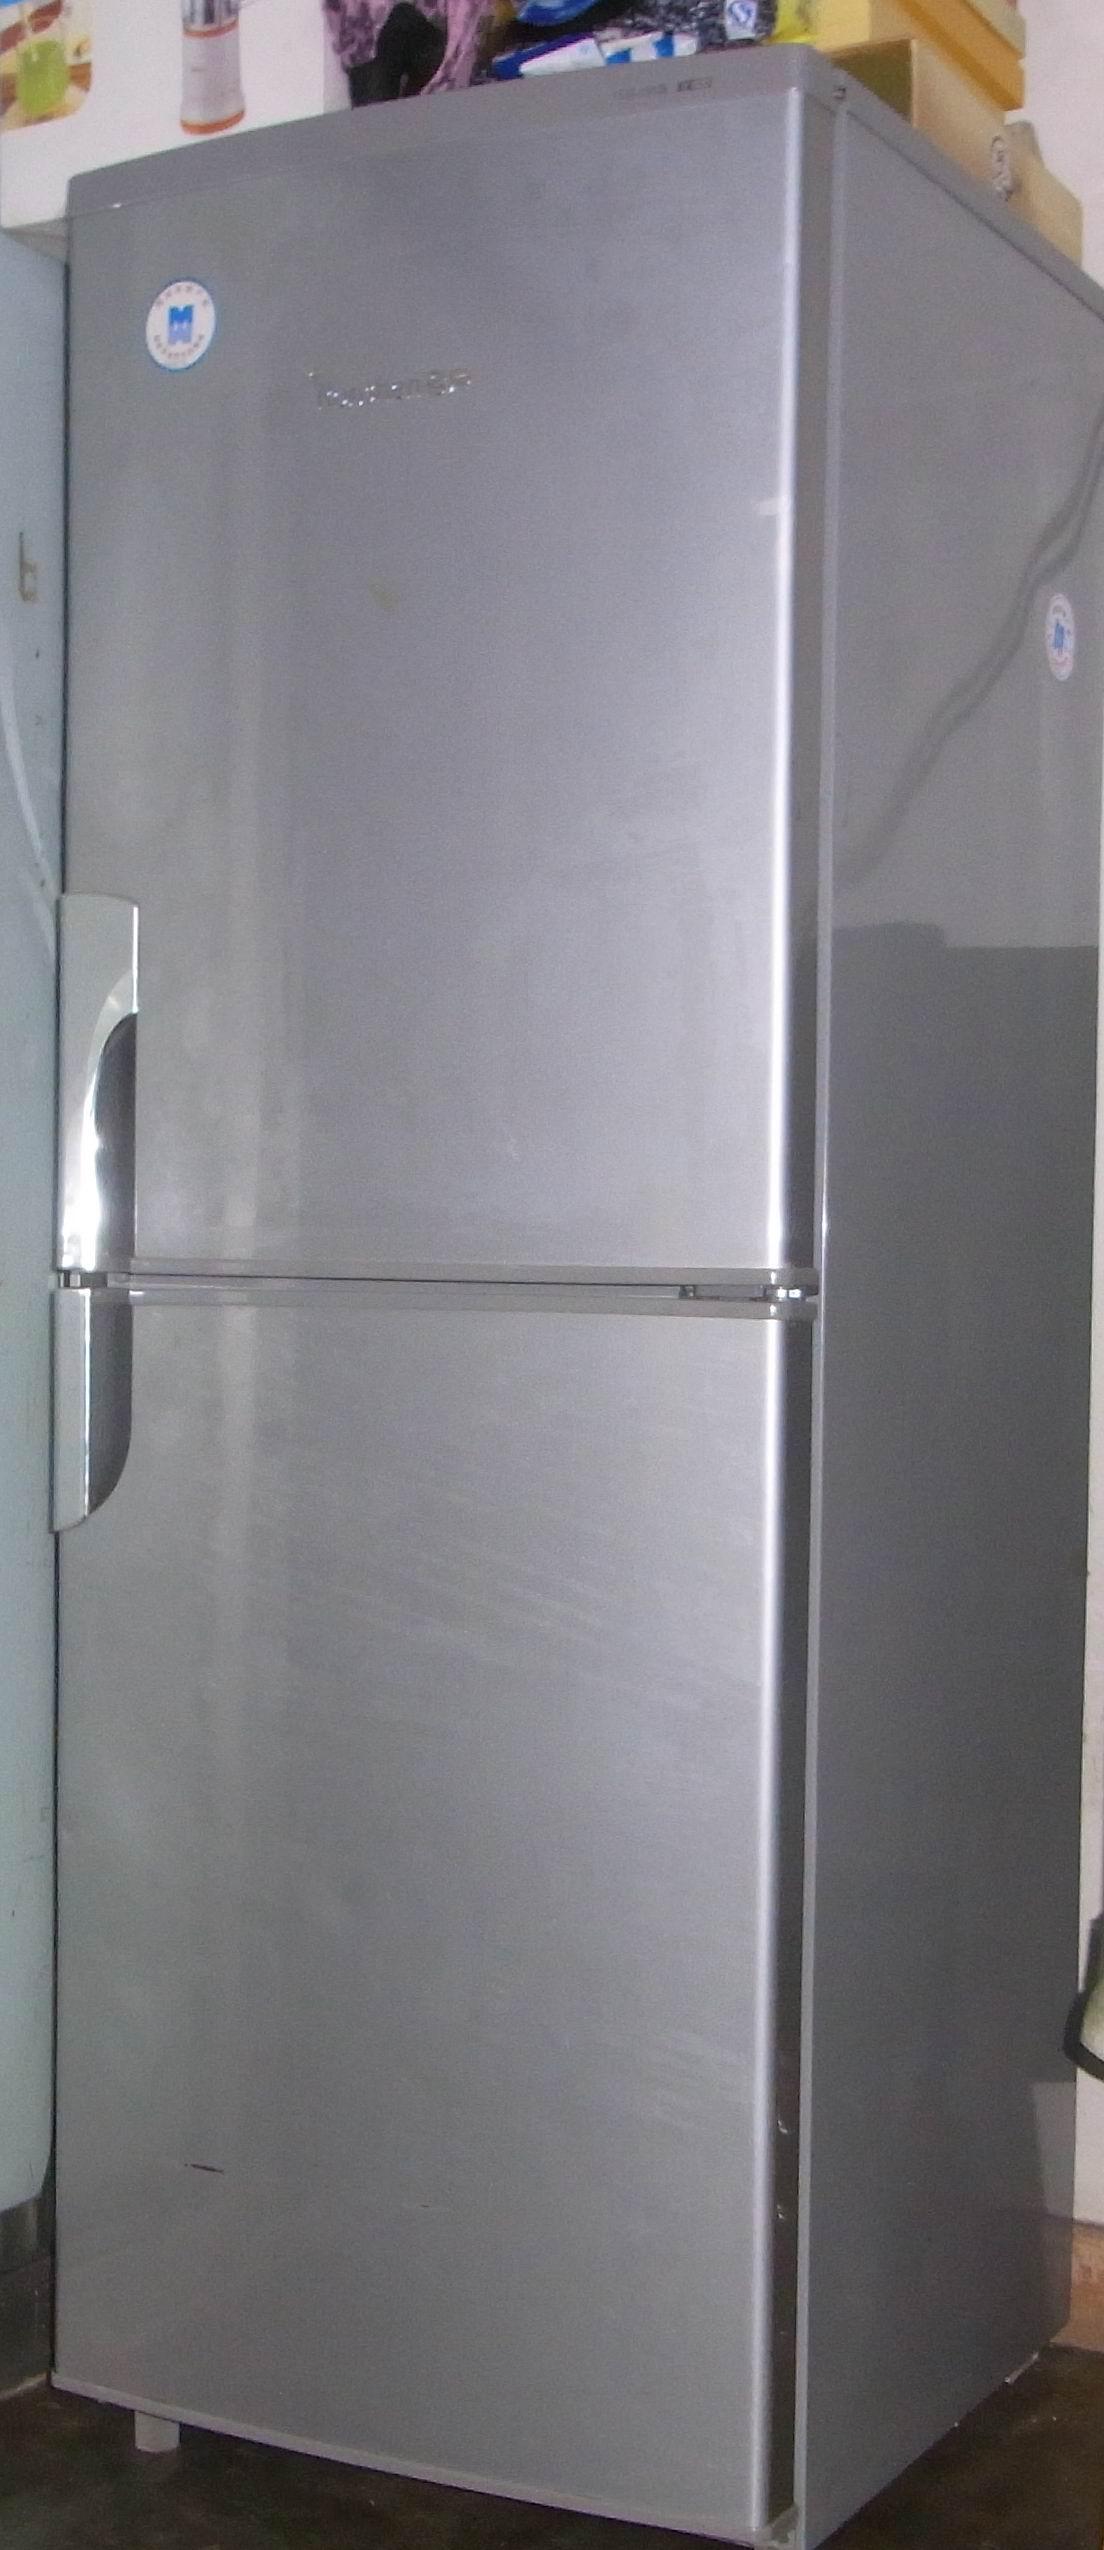 一个海尔牌洗衣机,一个容声180升电冰箱和一个纯平电视机,床,玻璃茶几